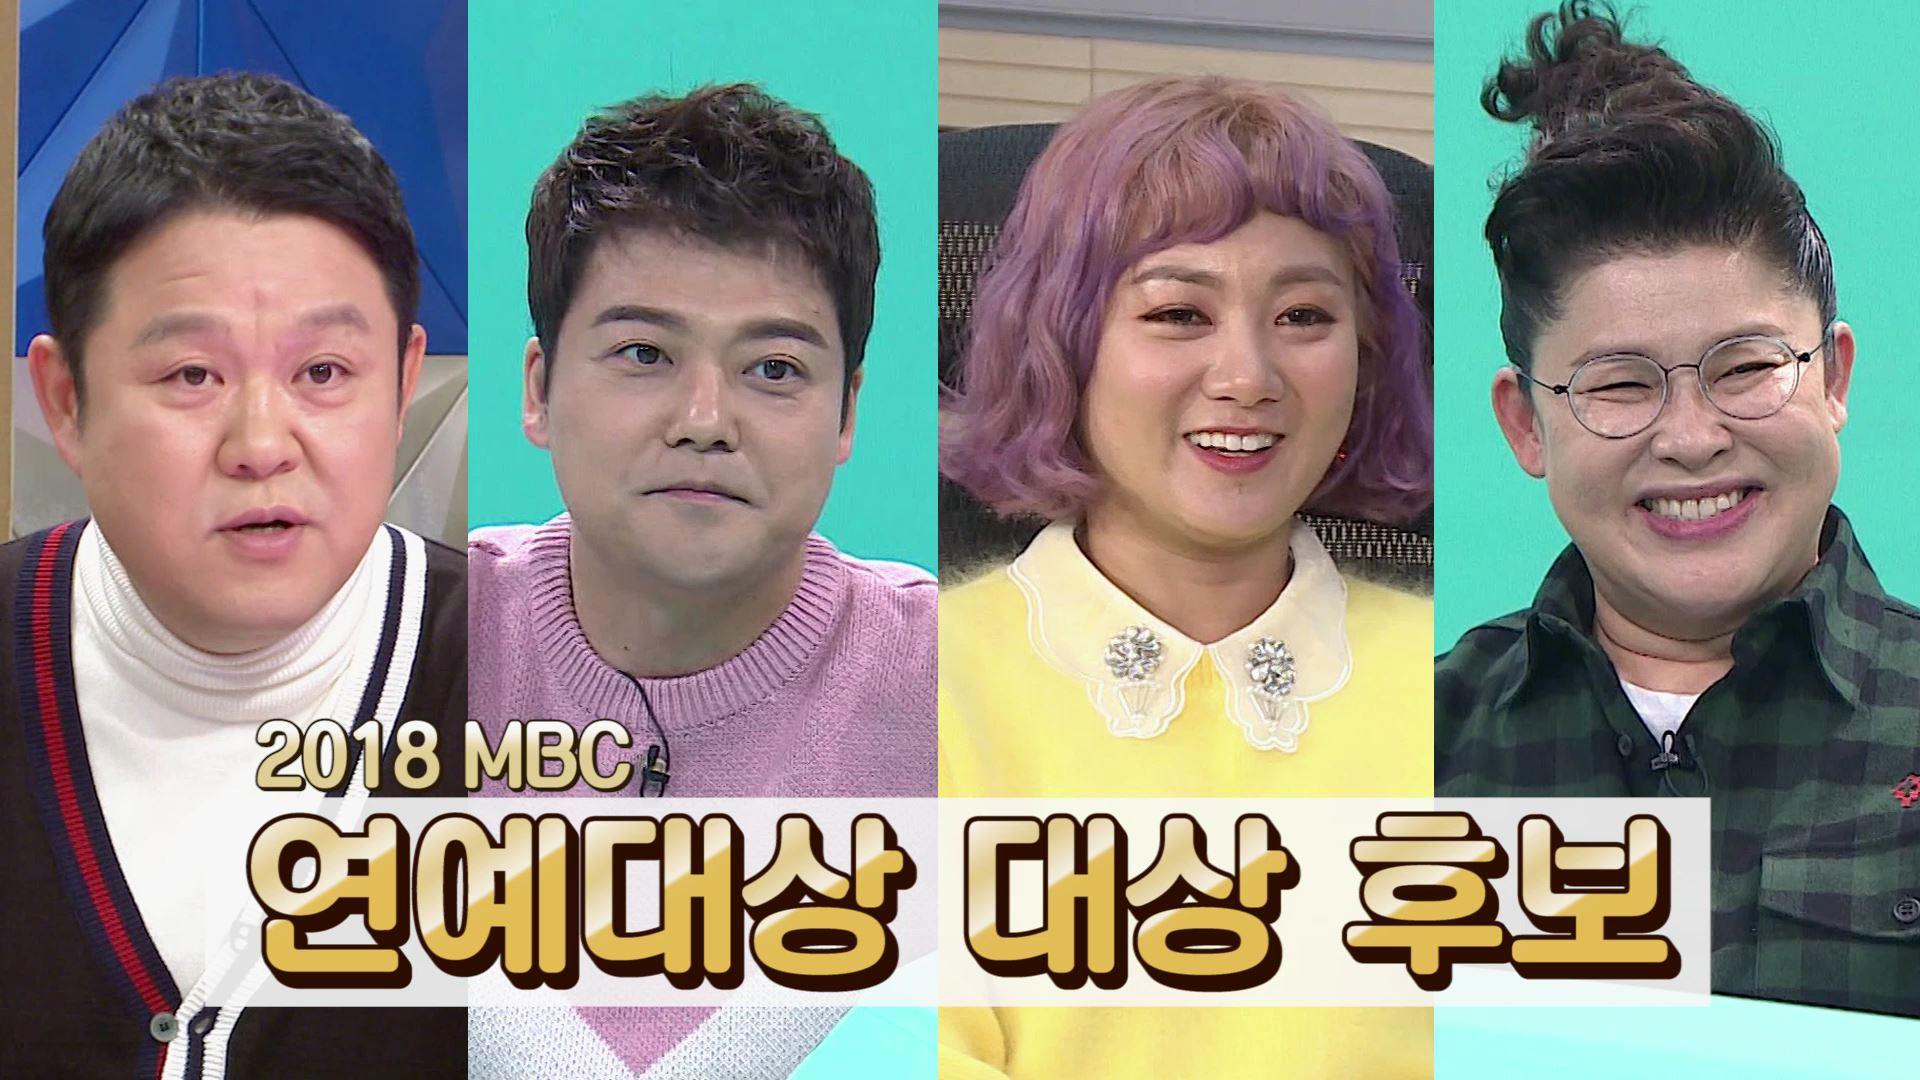 [TV톡] 누가 받아도 이상하지 않은 대상… '2018 MBC 방송연예대상' D-DAY #2018총결산